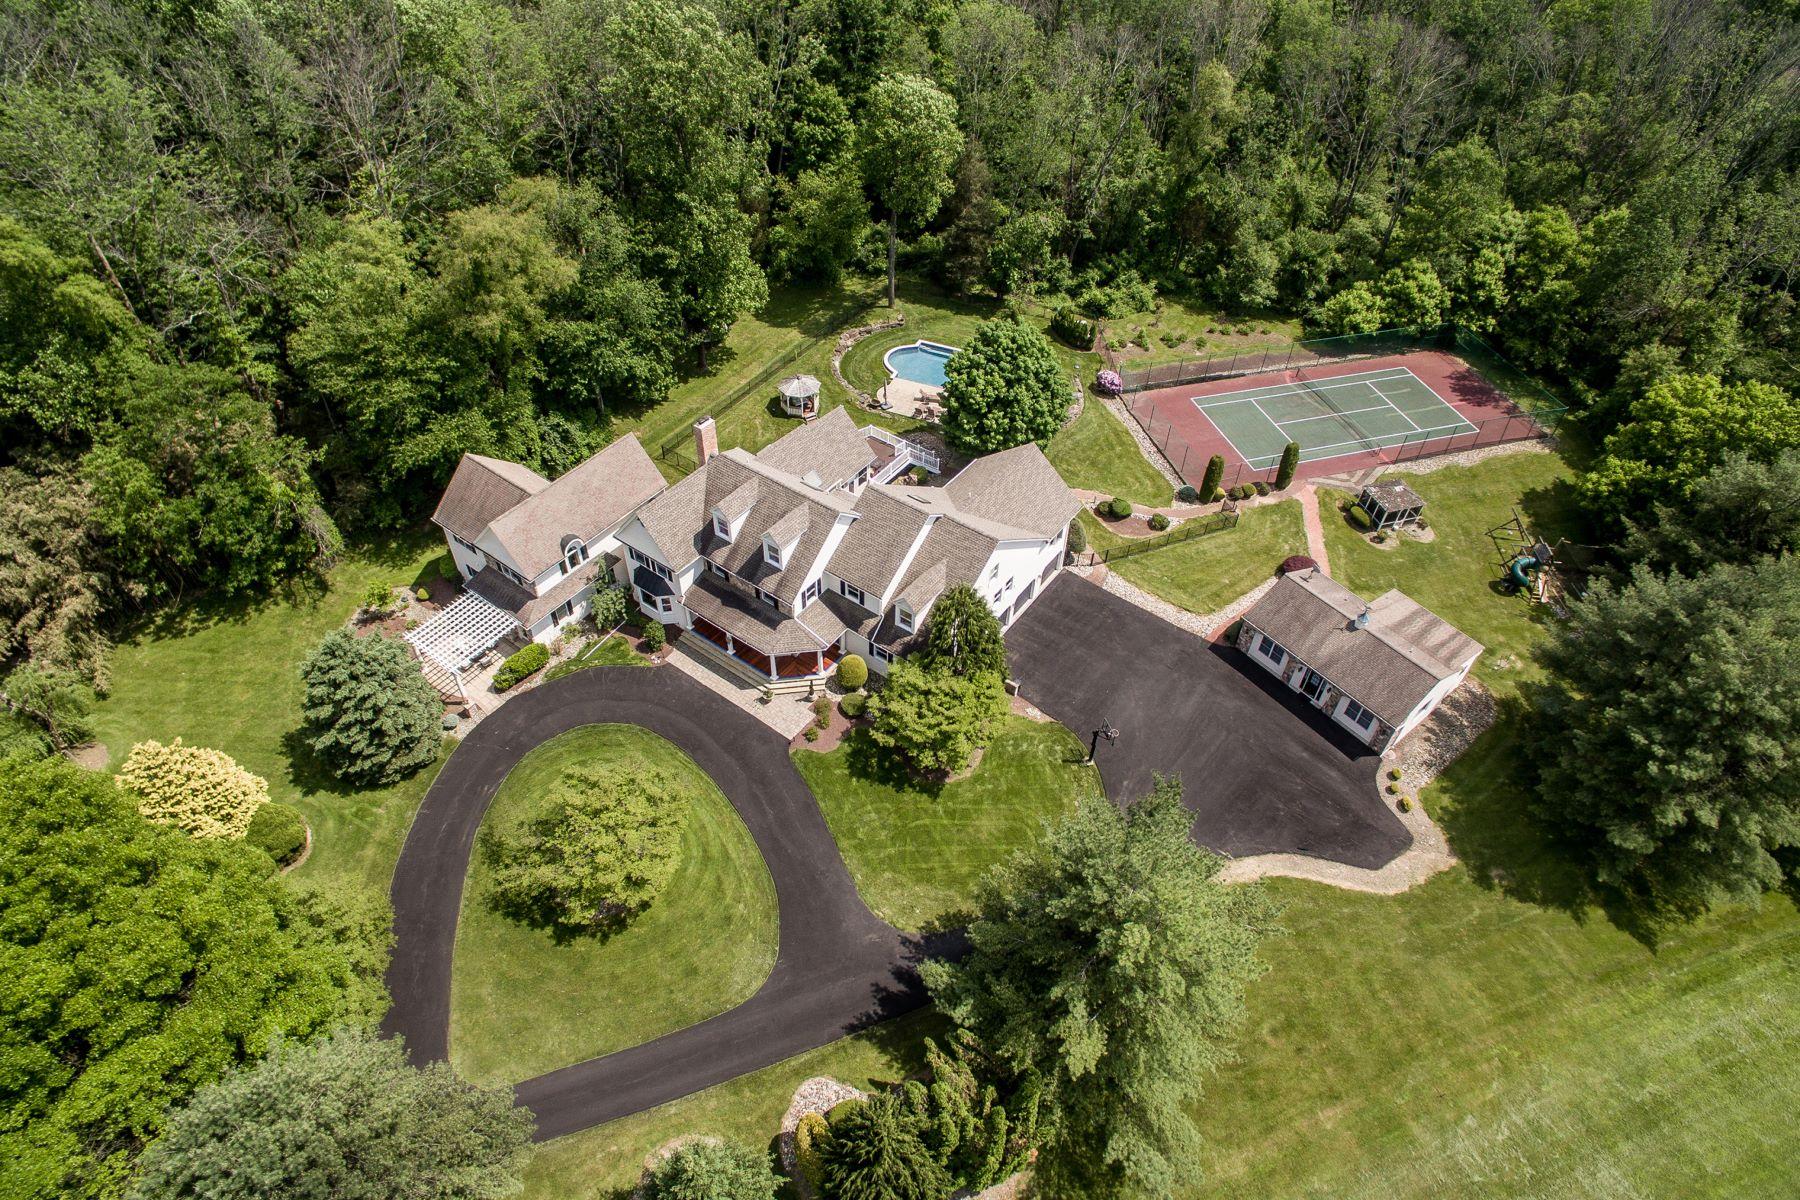 Maison unifamiliale pour l Vente à Dreamfield 1260 GRENOBLE RD, Northampton, Pennsylvanie 18974 États-Unis